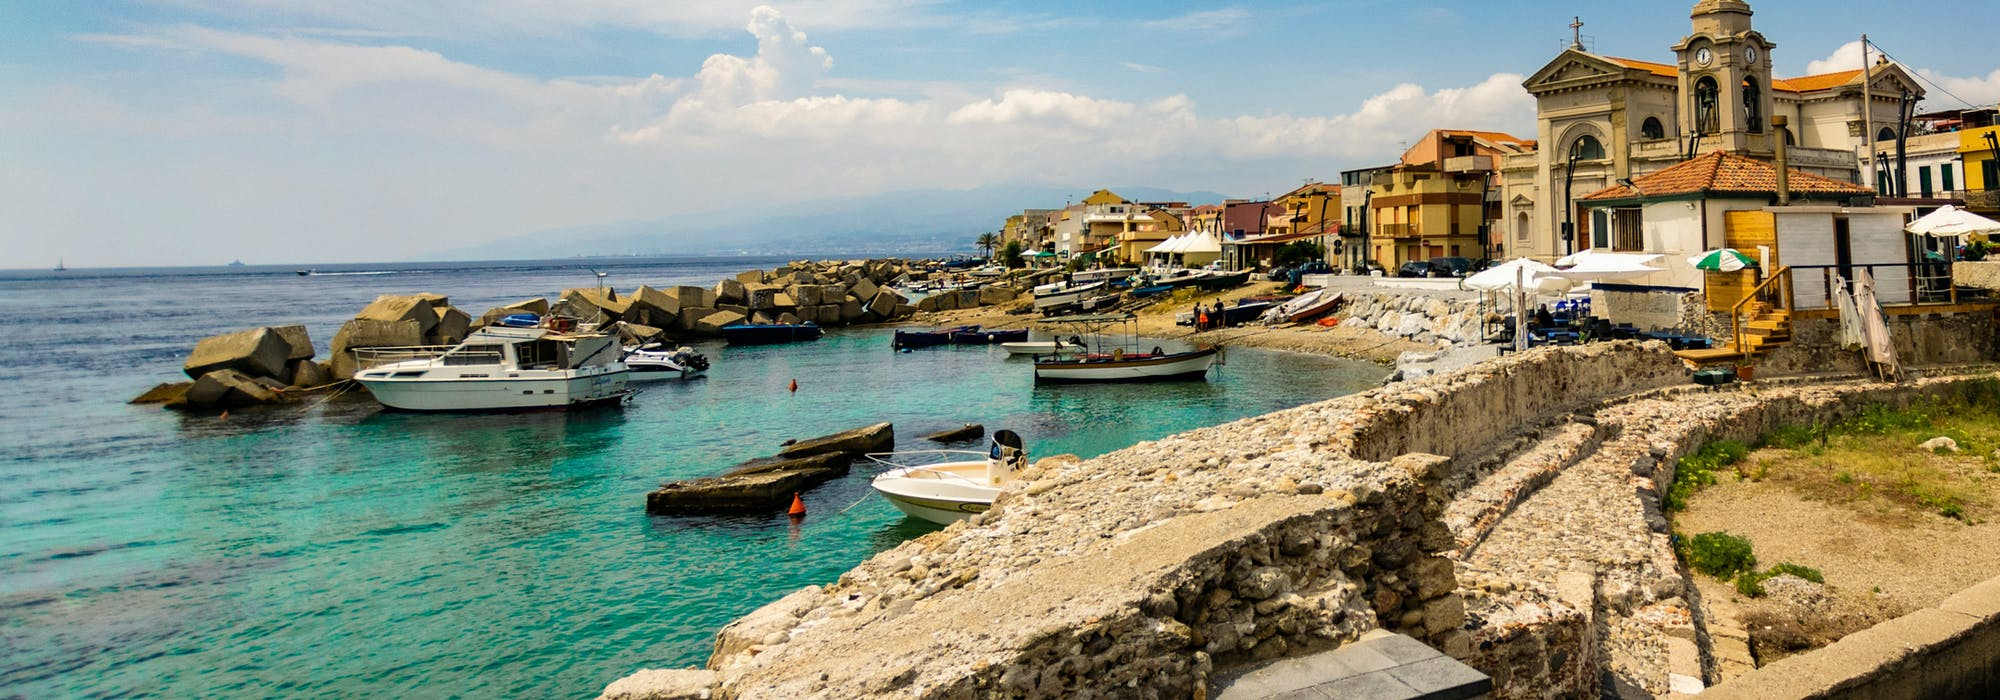 Messina i Italien med havet, små båtar och gamla byggnader.